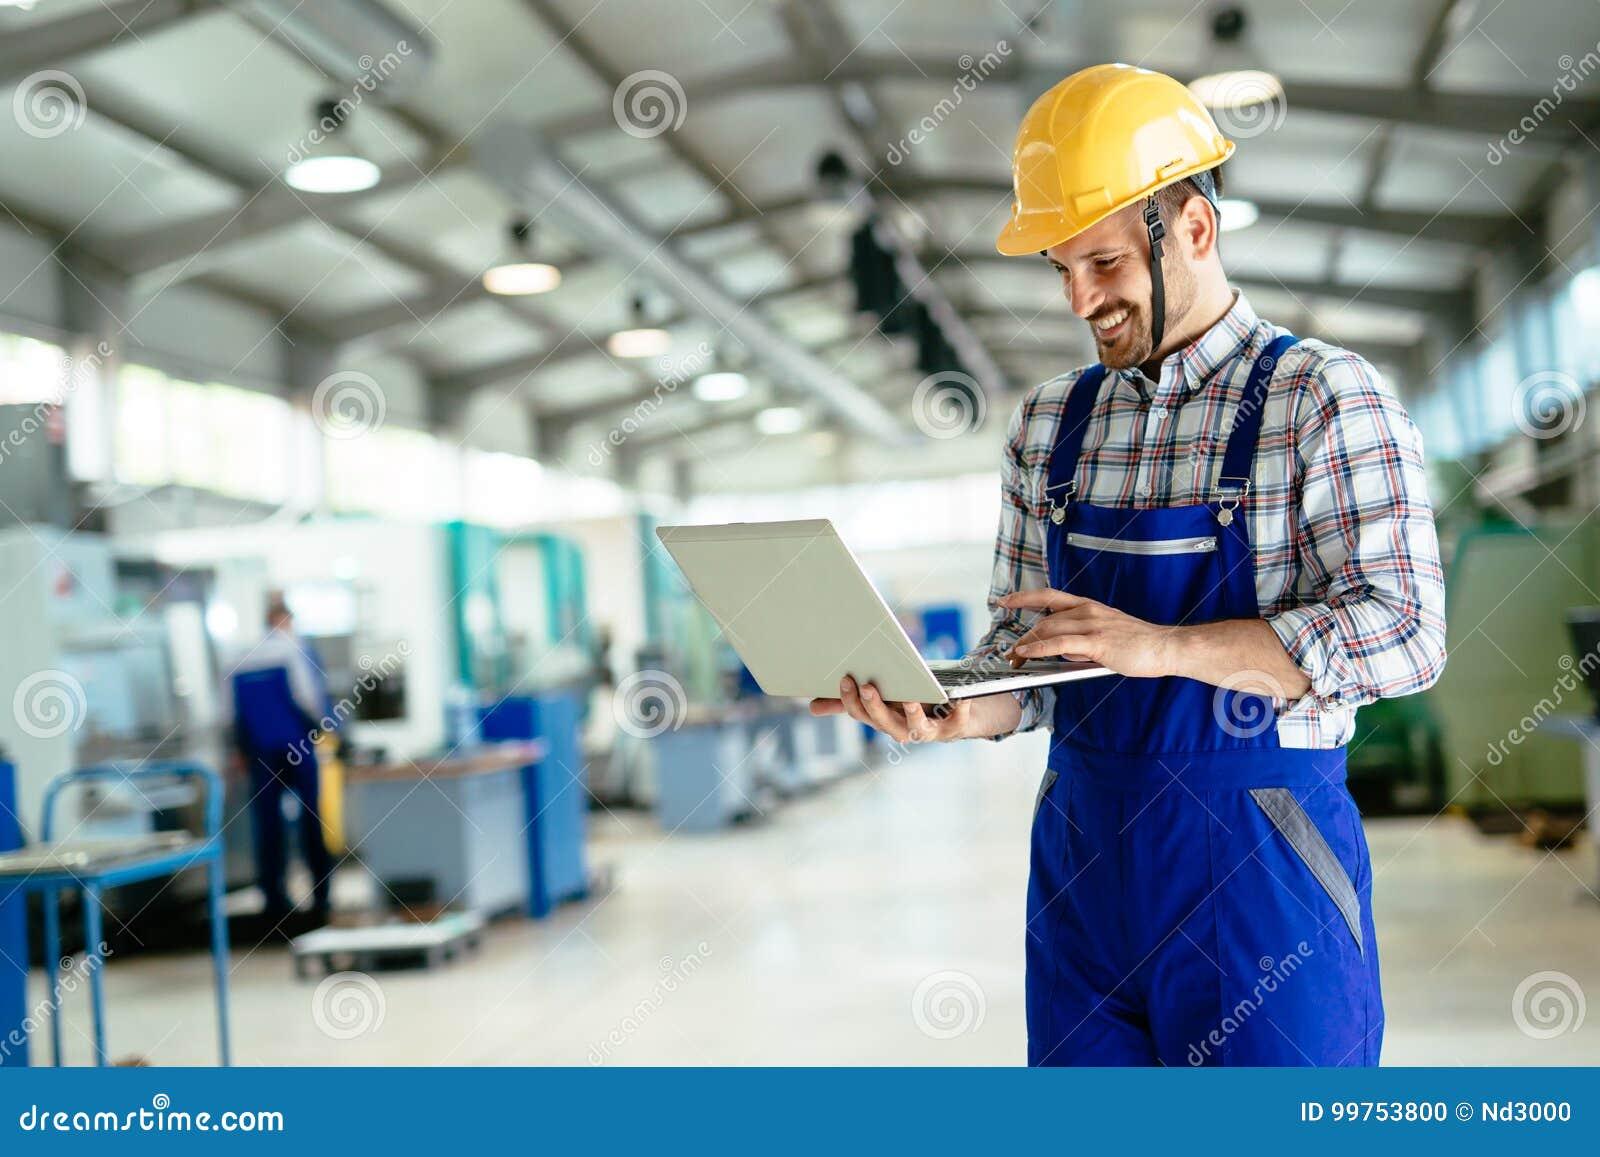 Technik pracuje w fabryce i robi kontrola jakości